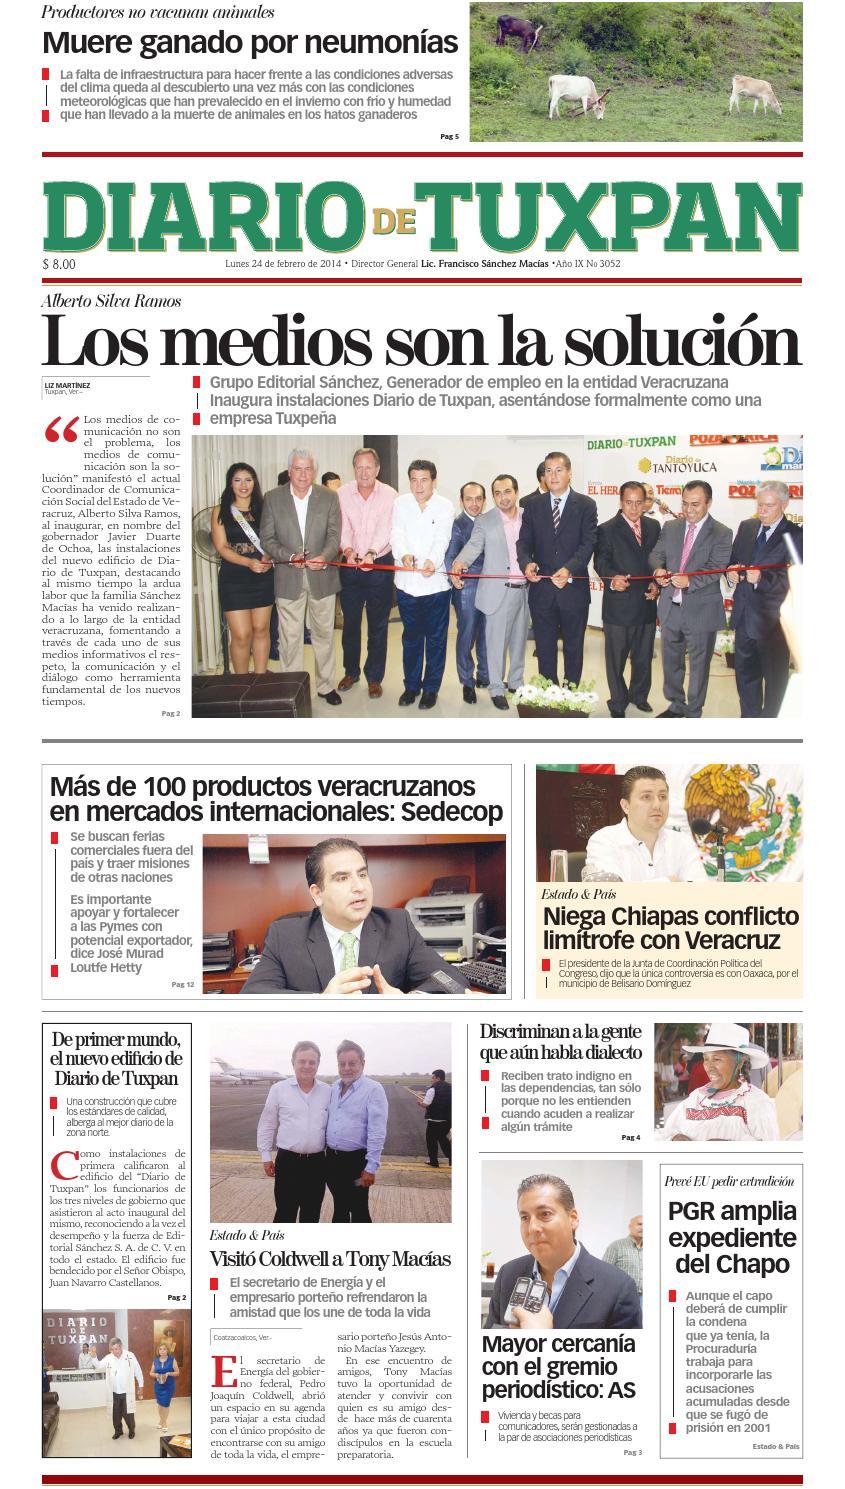 Diario de Tuxpan 24 de Febrero de 2014